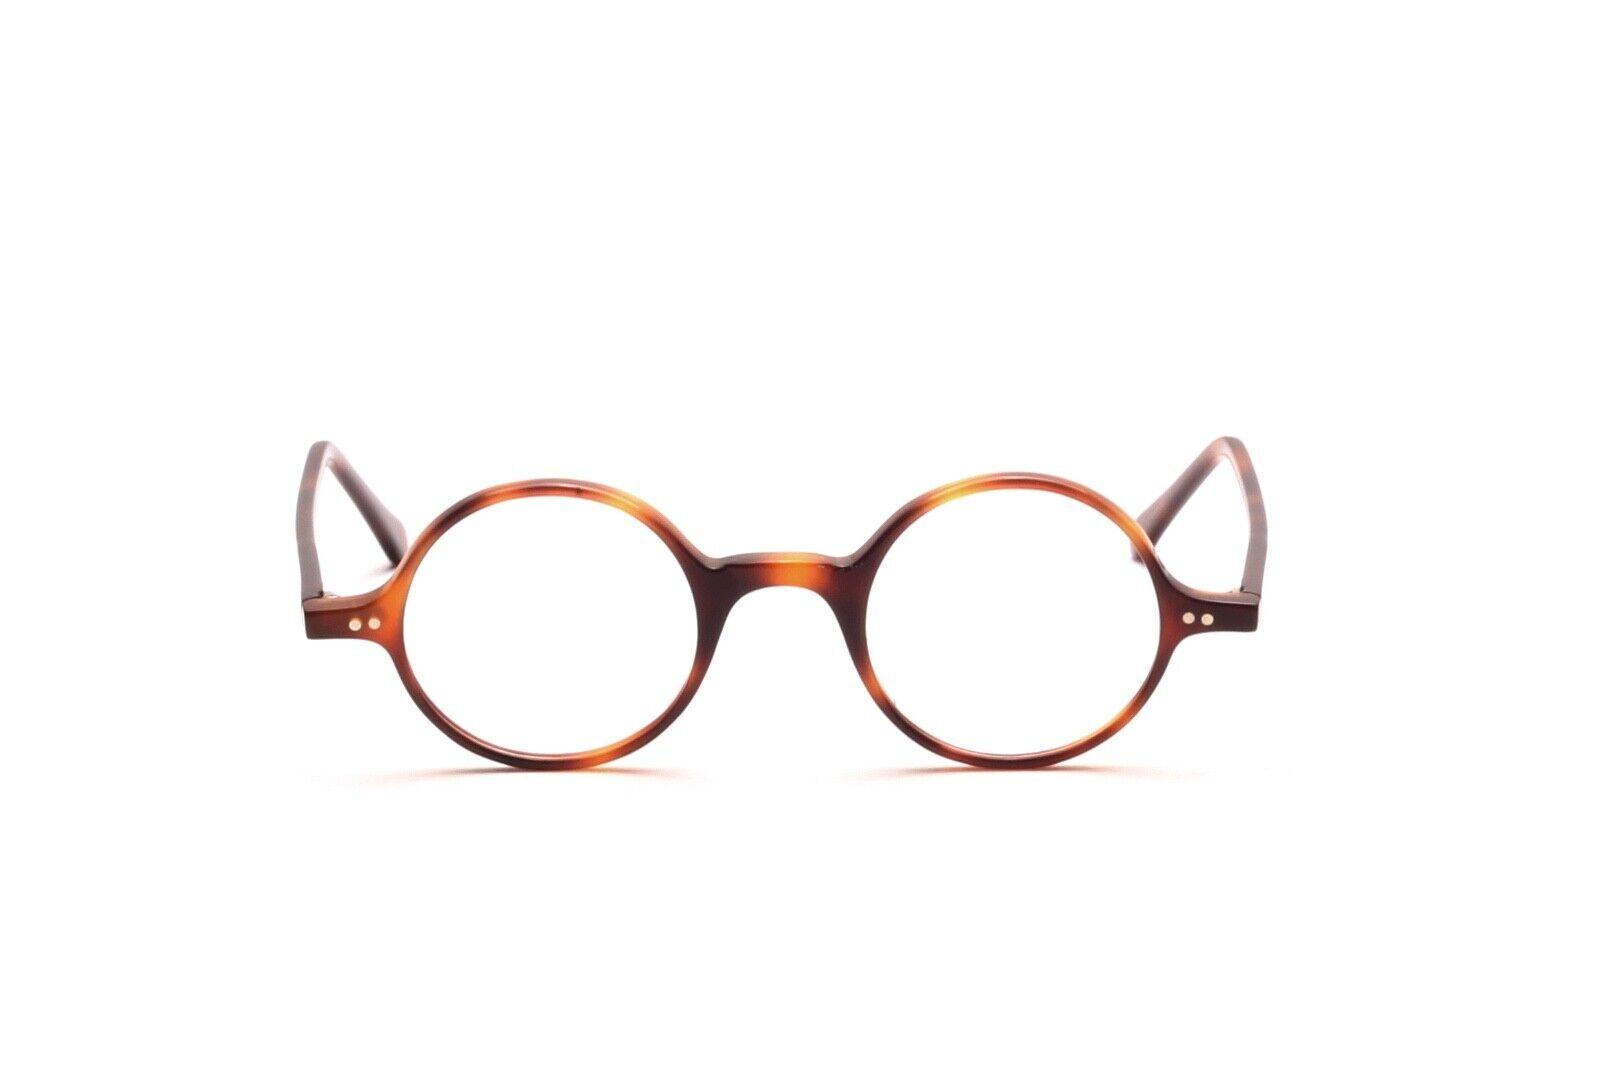 Runde Brille Fassung in Havanna von 38 mm bis 46 mm Mod. 1410, Made in Italy